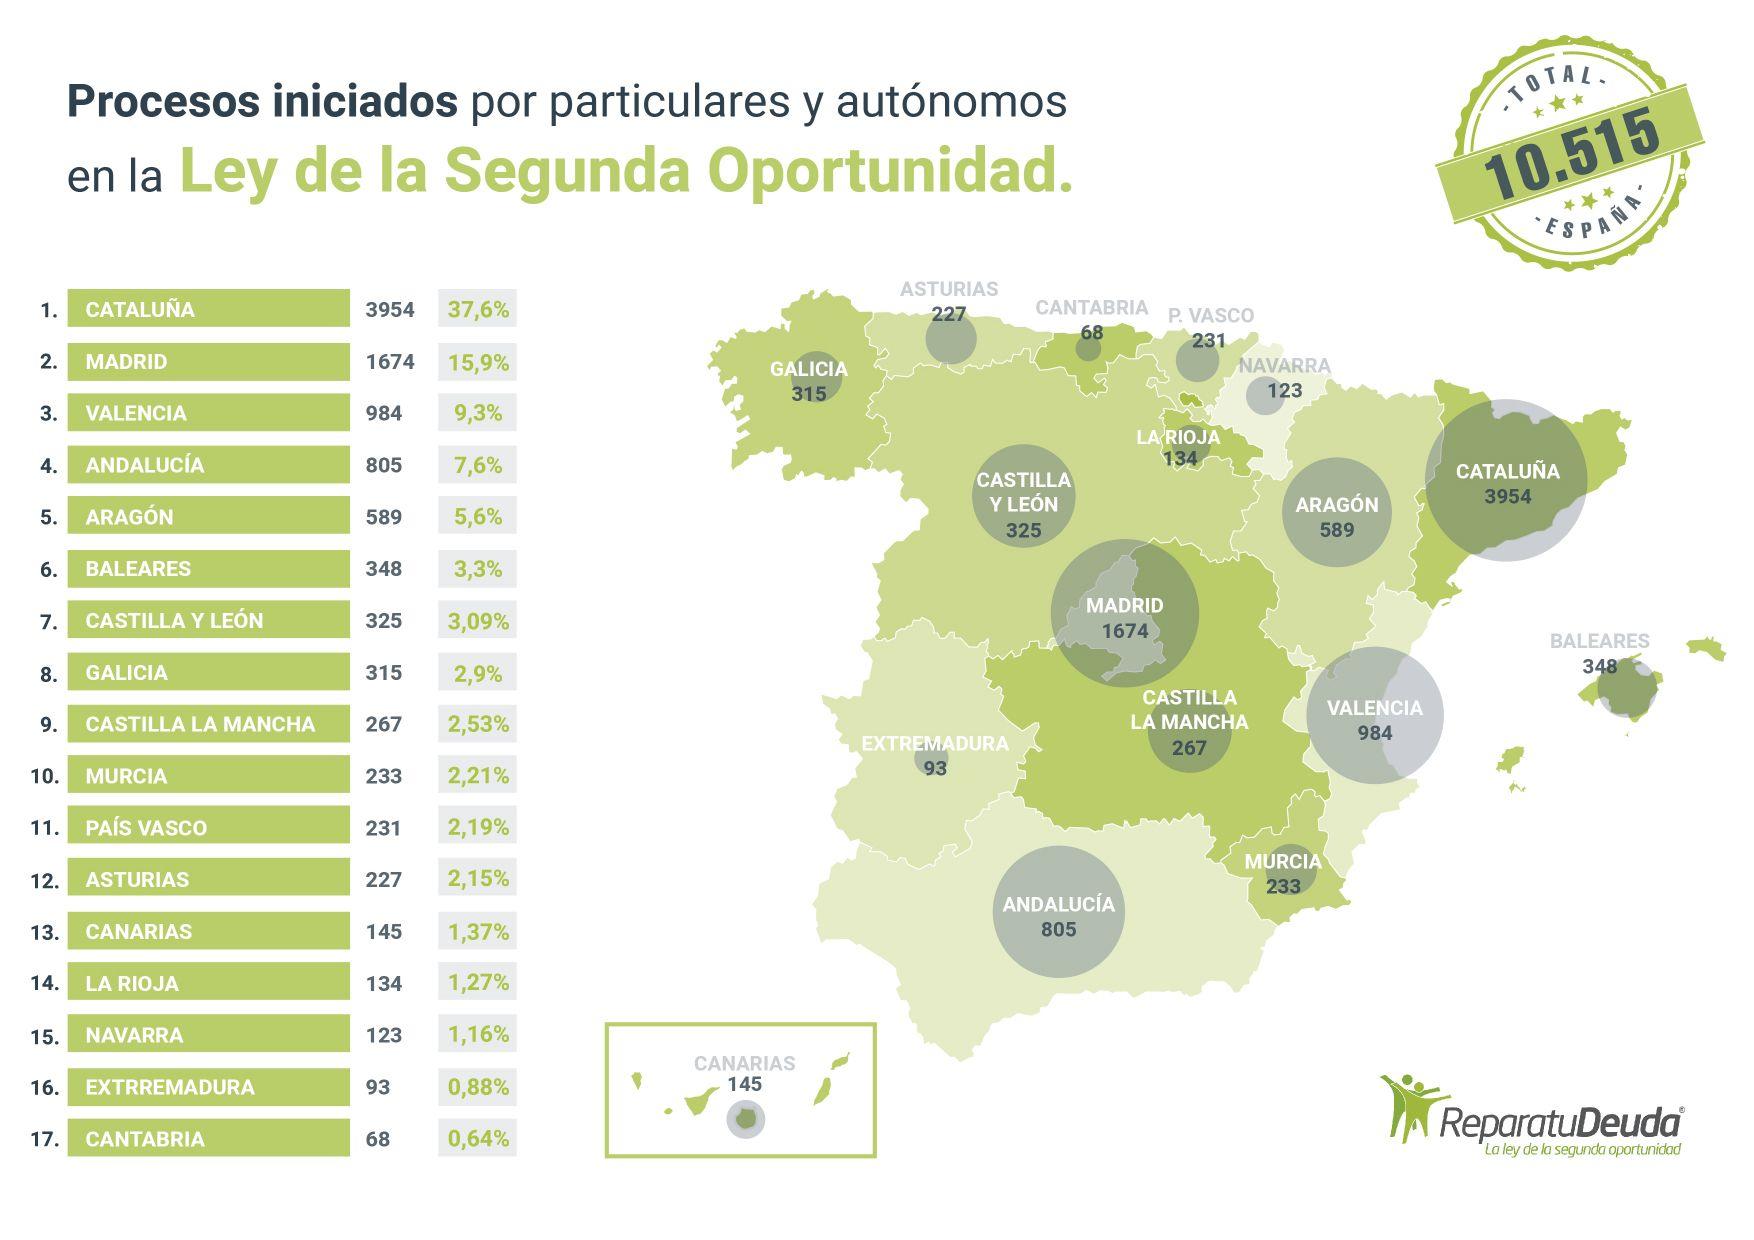 Foto de Mapa de casos de la ley de la segunda oportunidad realizados